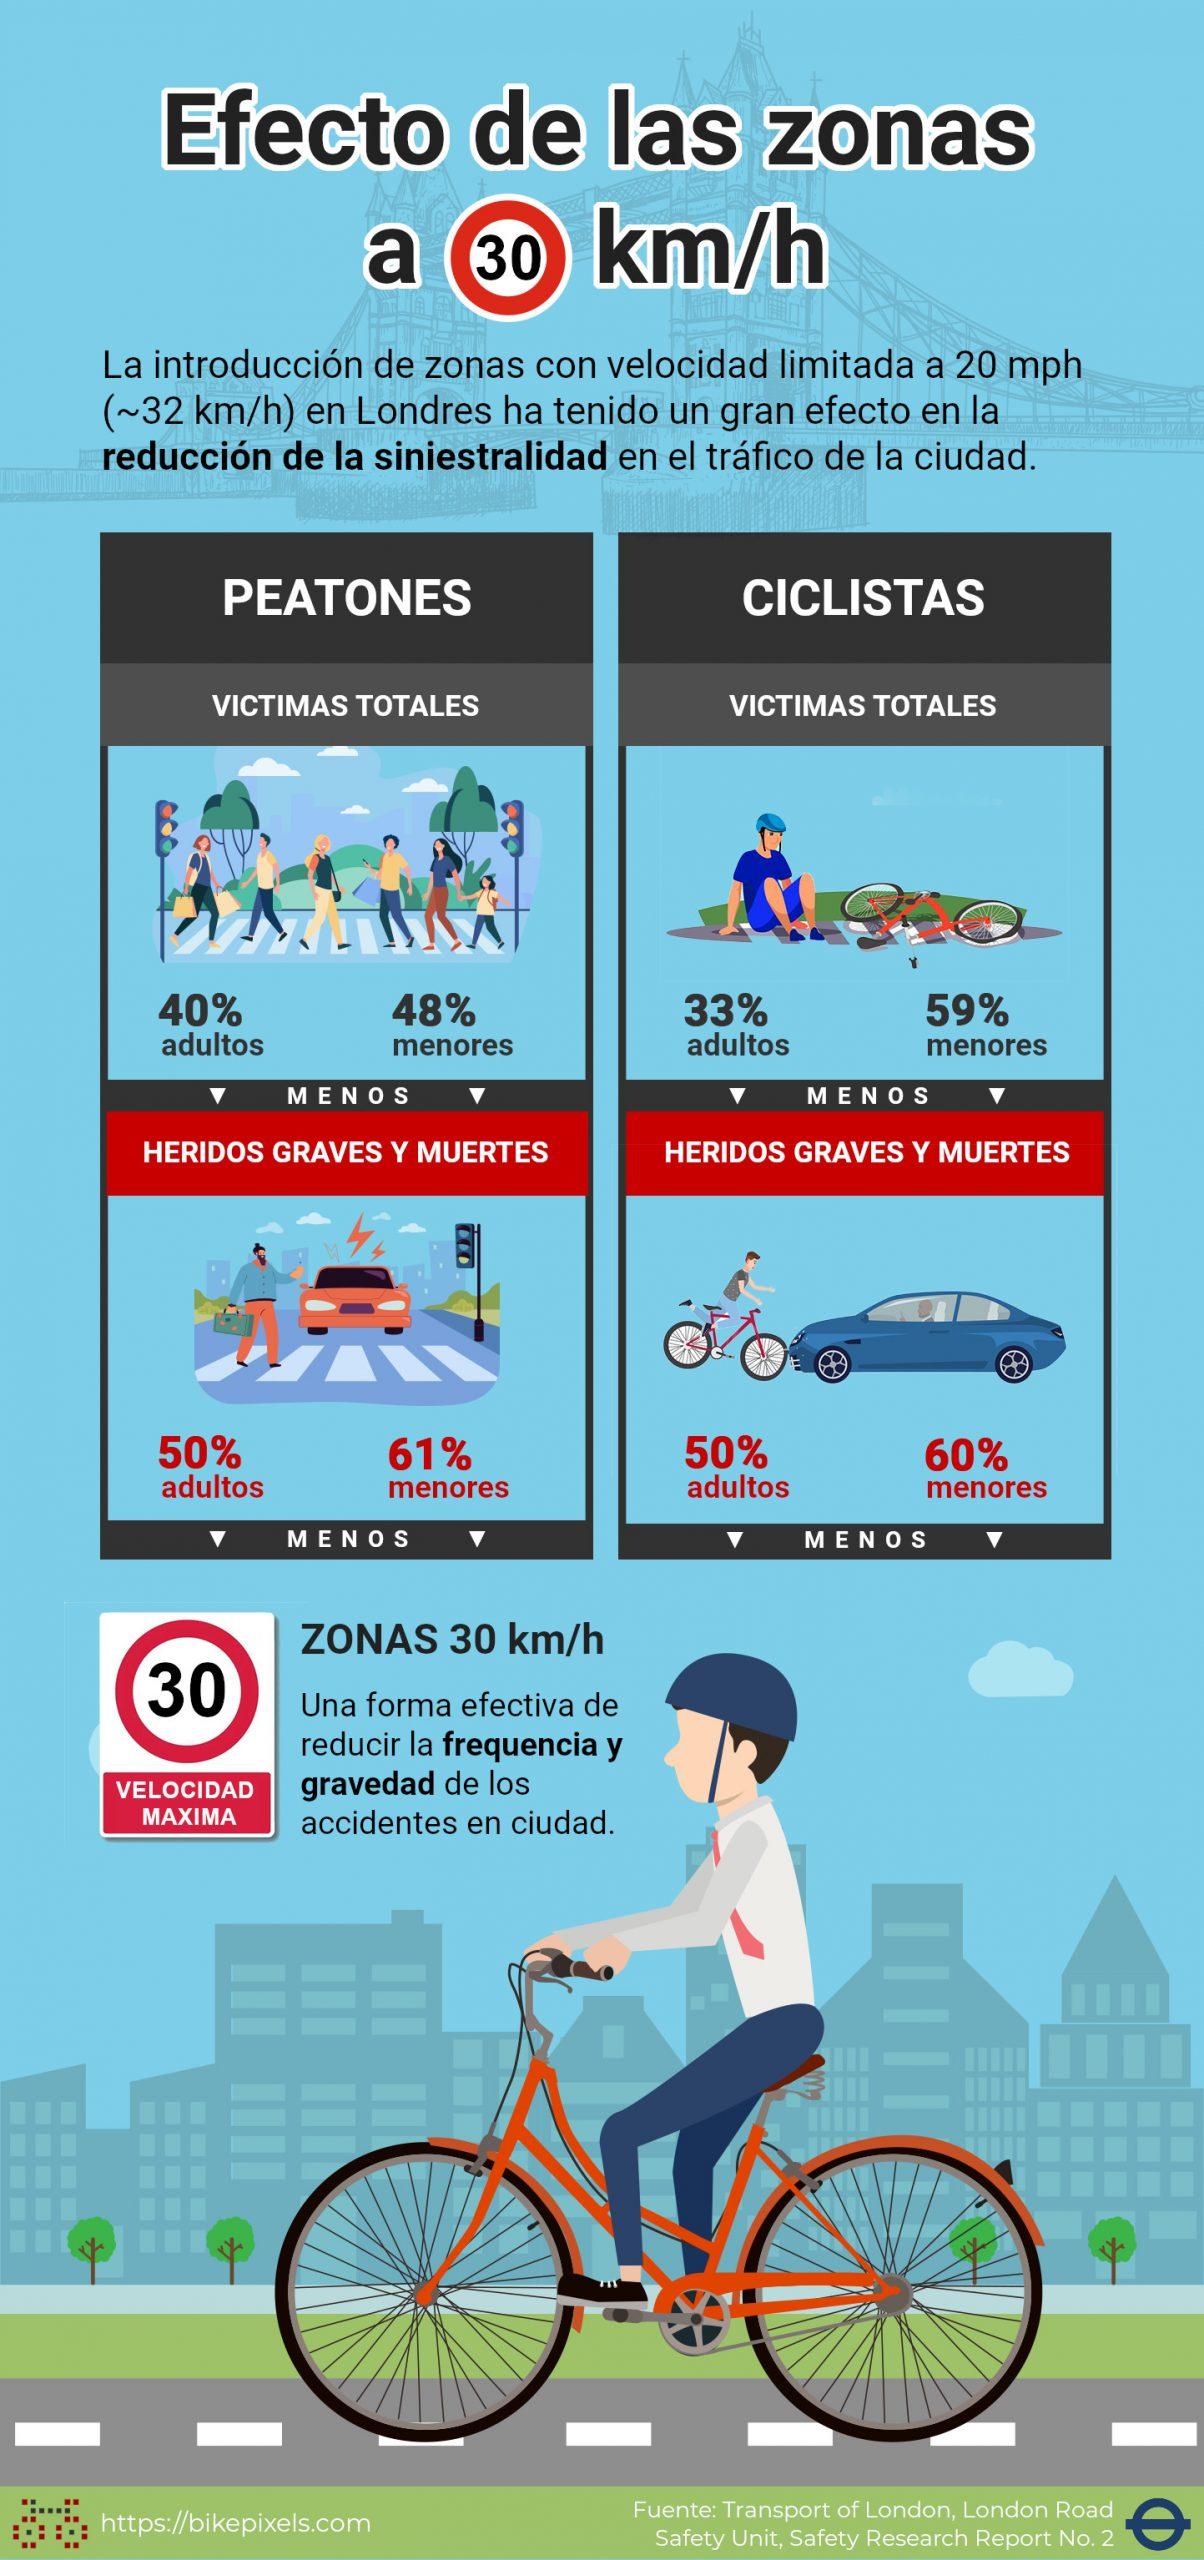 Infografía con las estadísticas de de accidentes tras aplicar zonas 30 km/h en Londres. Han demostrado cómo limitar la velocidad reduce los accidentes y la siniestralidad.